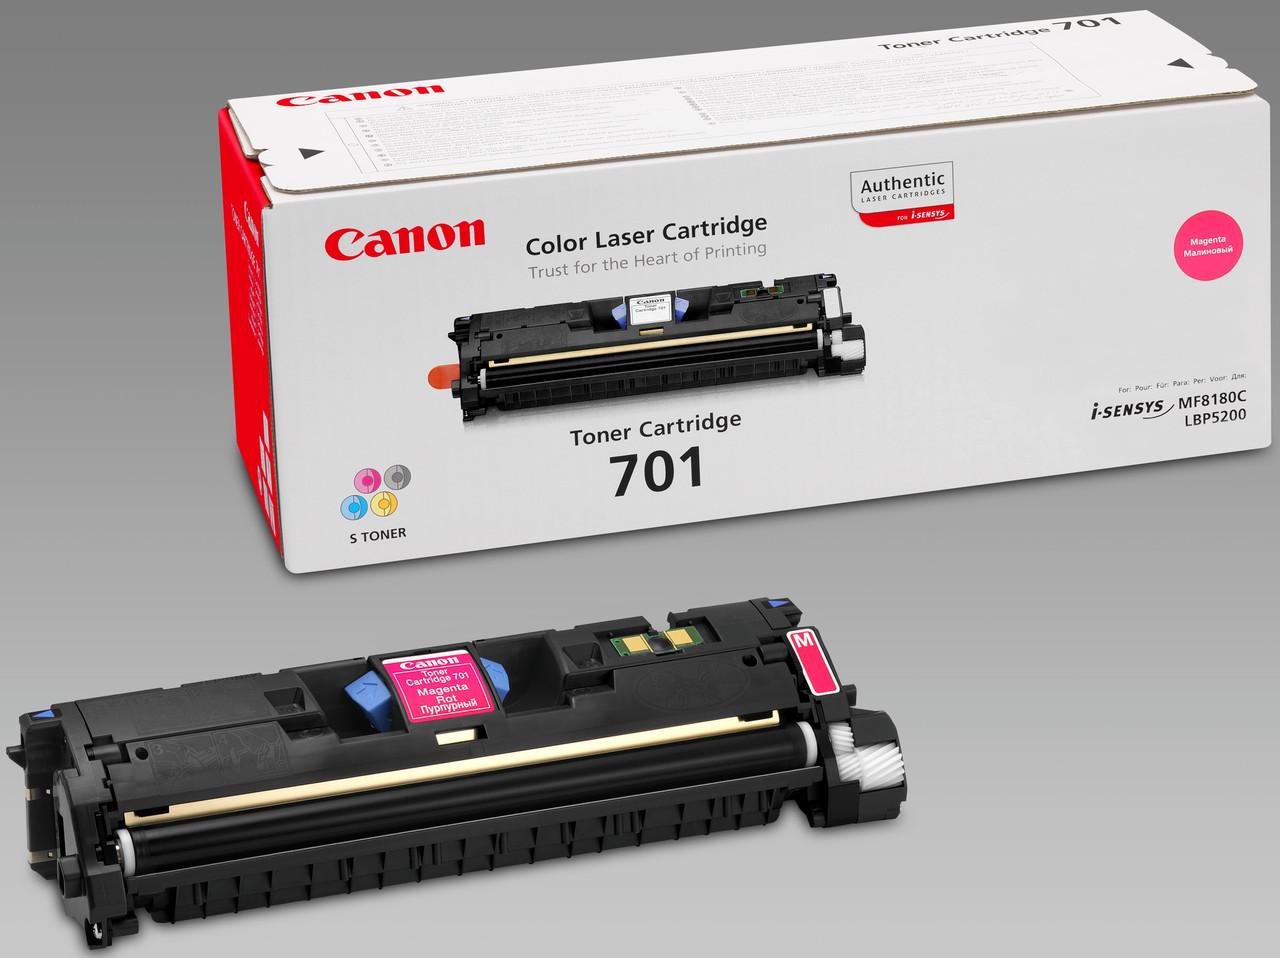 Заправка картриджа: 701Mangenta пурпурный Для принтера:Canon LBP-5200